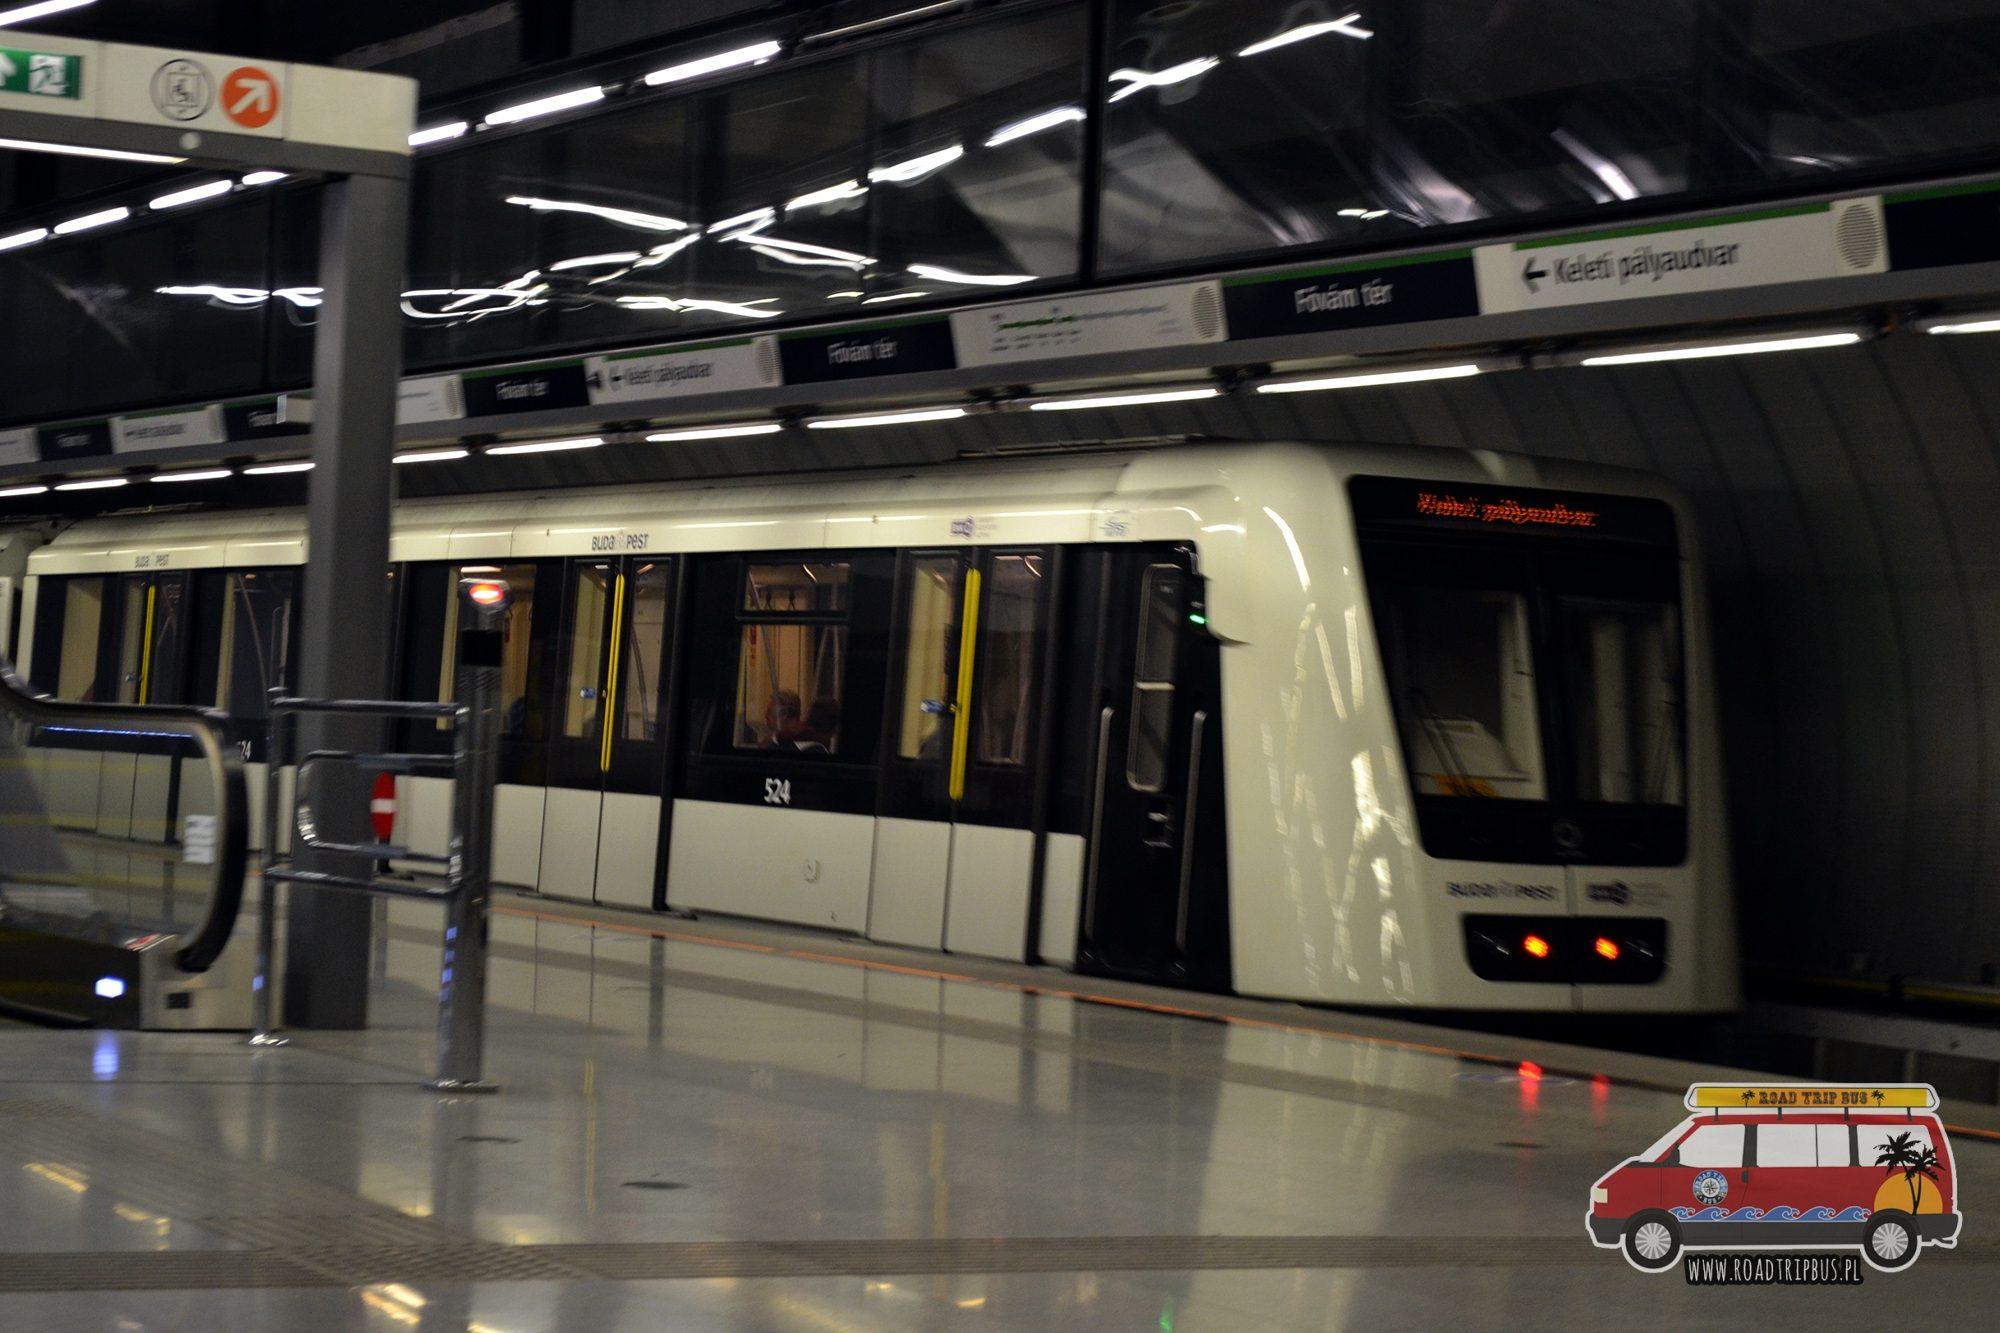 Fővám tér metro Budapeszt